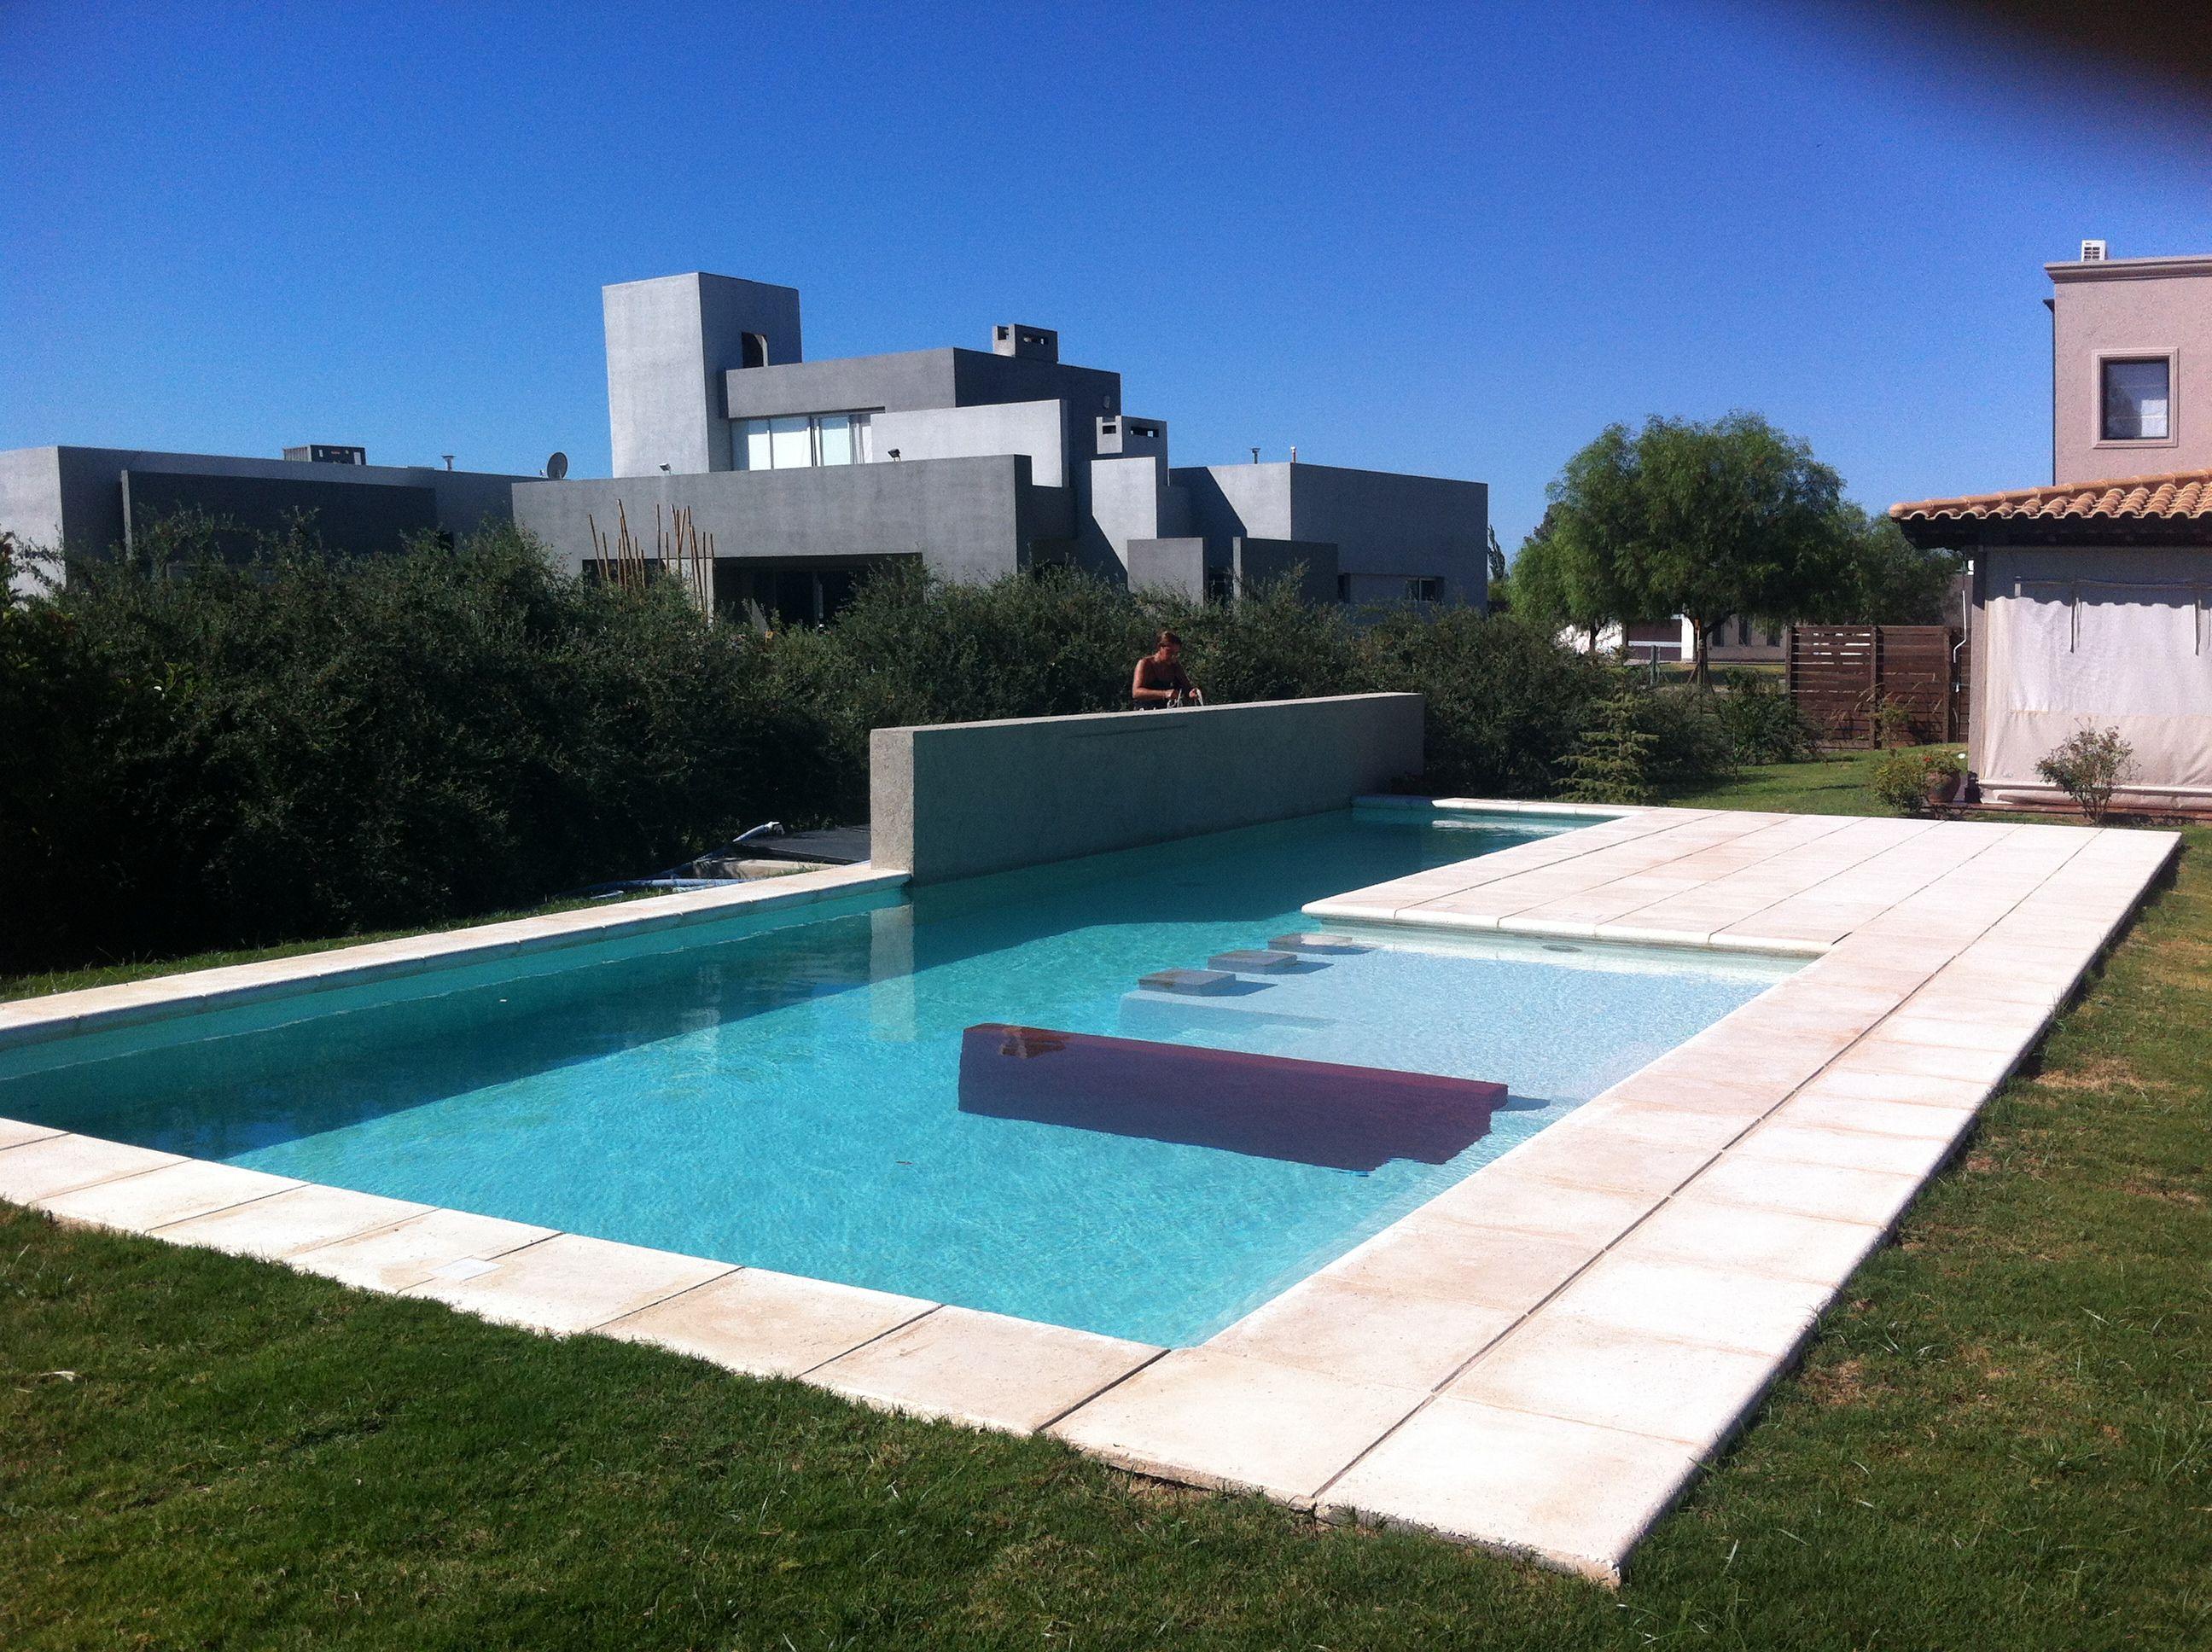 Criterio dise o piscina casa dise o for Diseno piscina